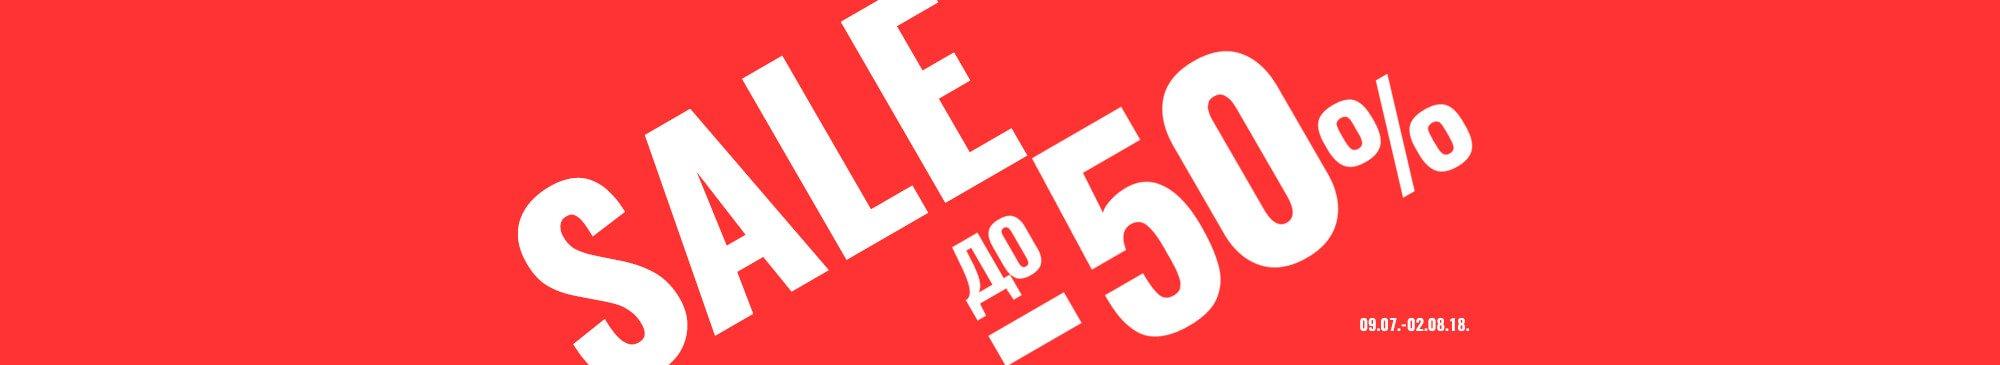 e45a8b727f13af MEGASPORT - официальный интернет-магазин брендовой одежды, обуви и  аксессуаров для спорта и отдыха